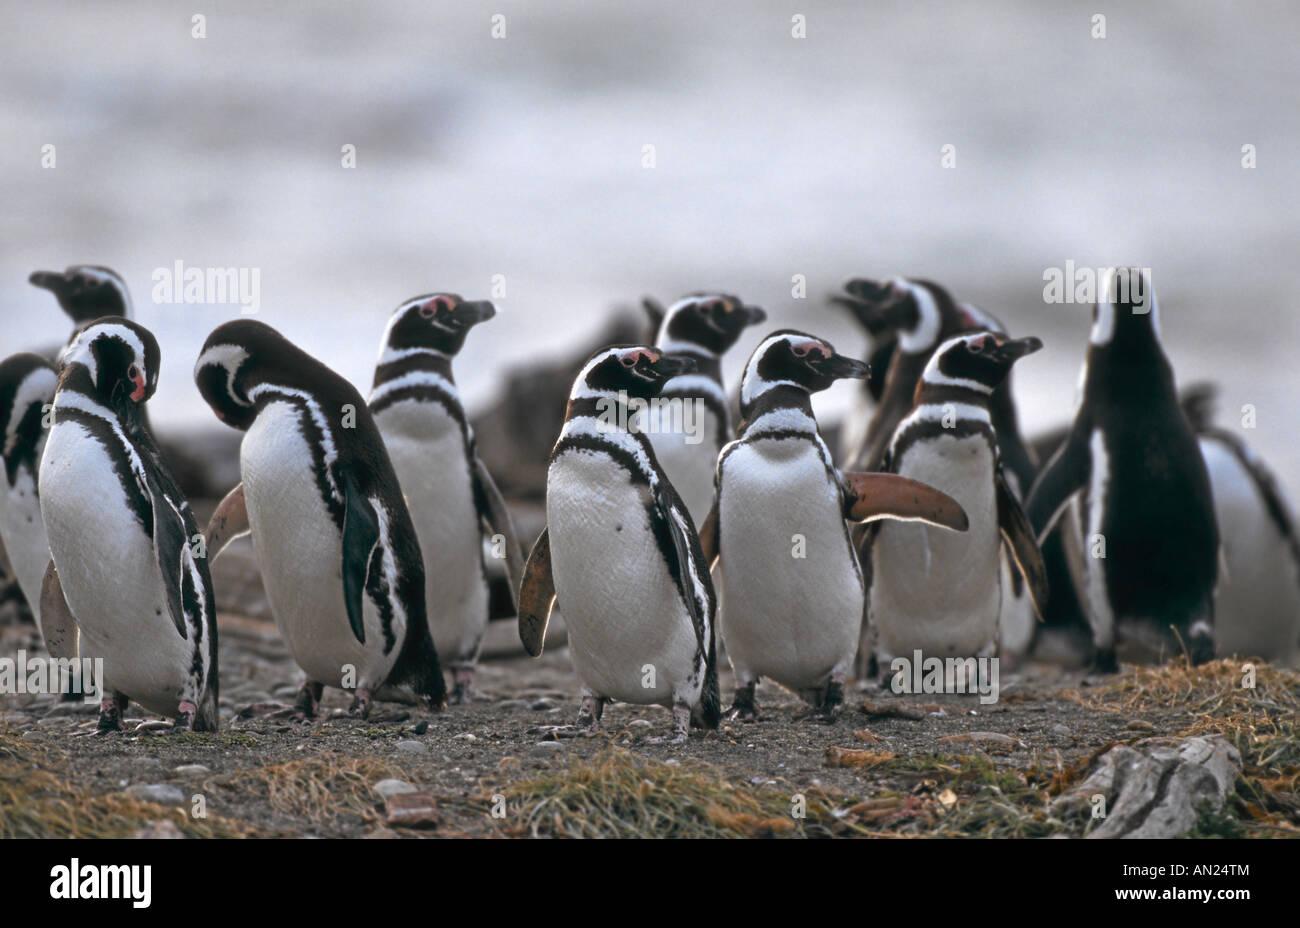 Pinguin Kolonie Magellanpinguine Seno Otway Patagonia Chile Magellanic Penguin Colony Spheniscus magellanicus Stock Photo